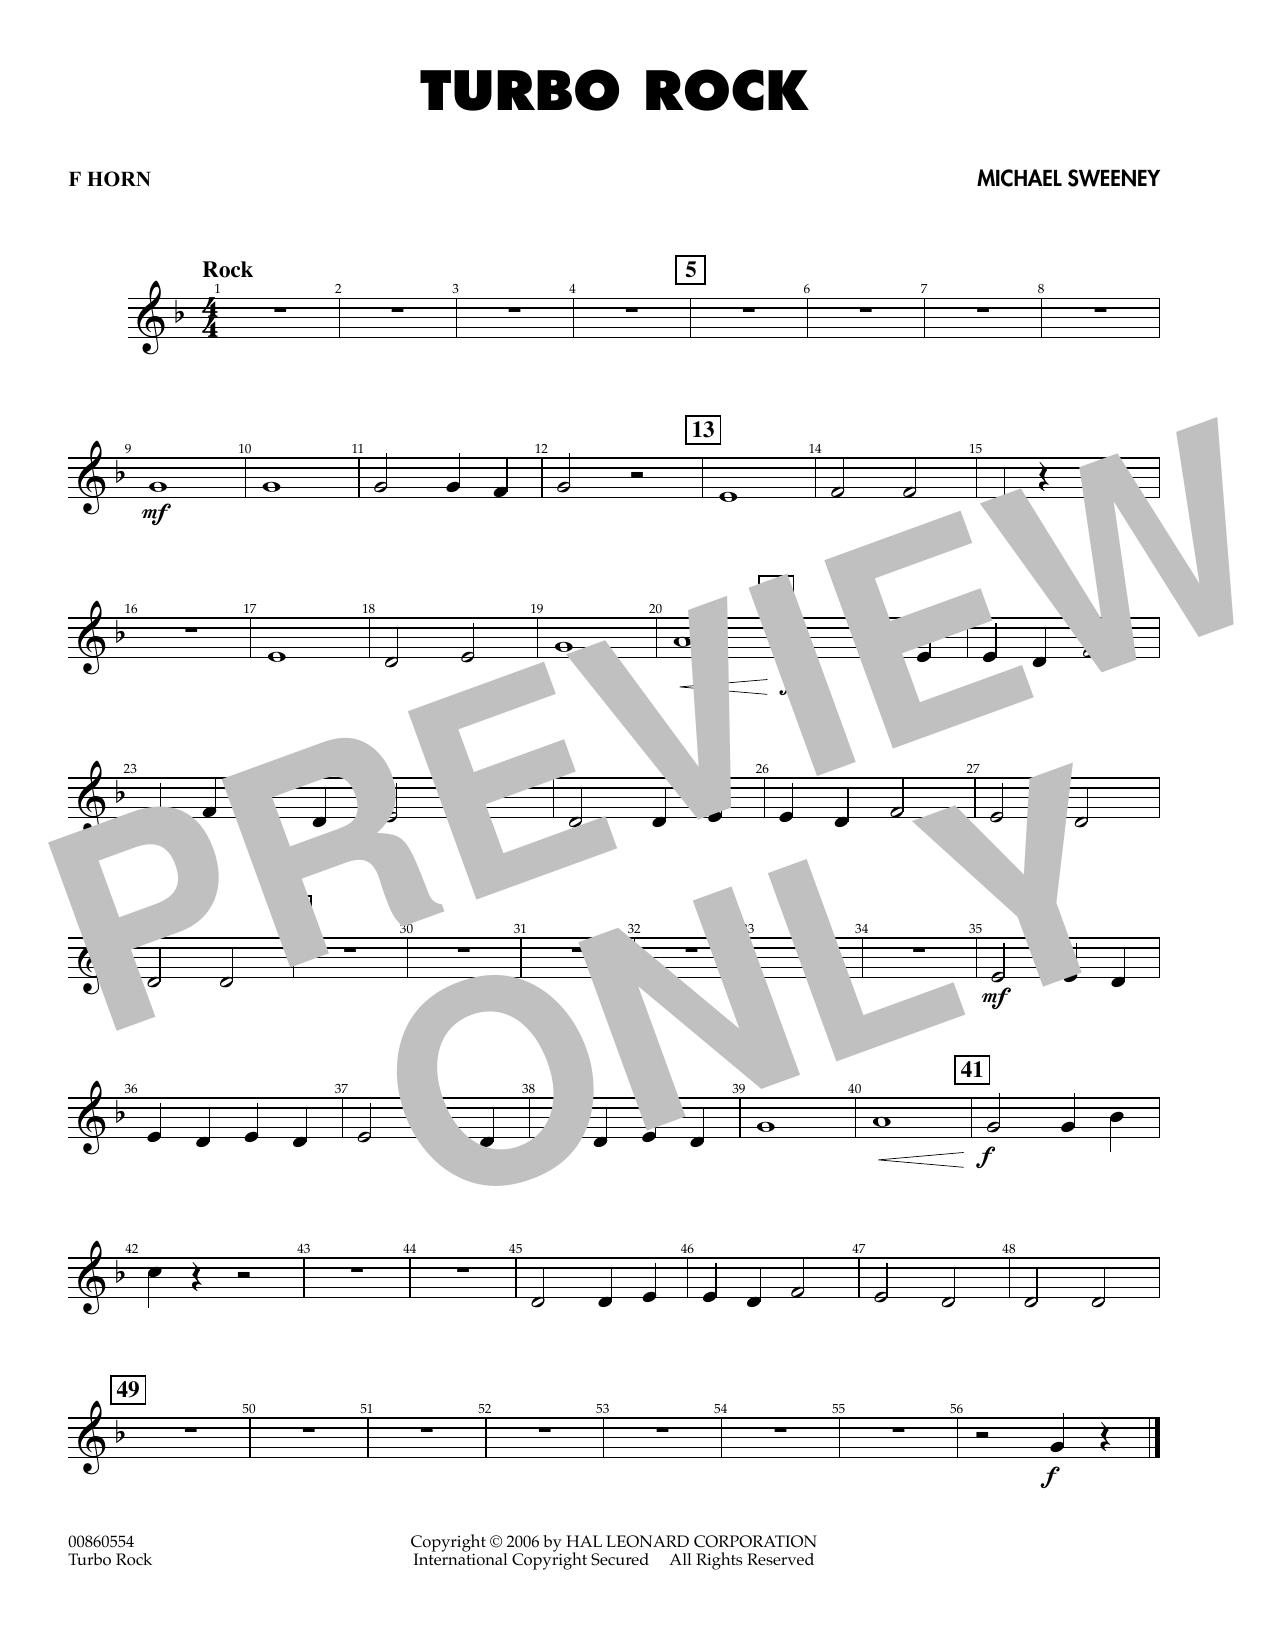 Turbo Rock - Score & Parts by Michael Sweeney